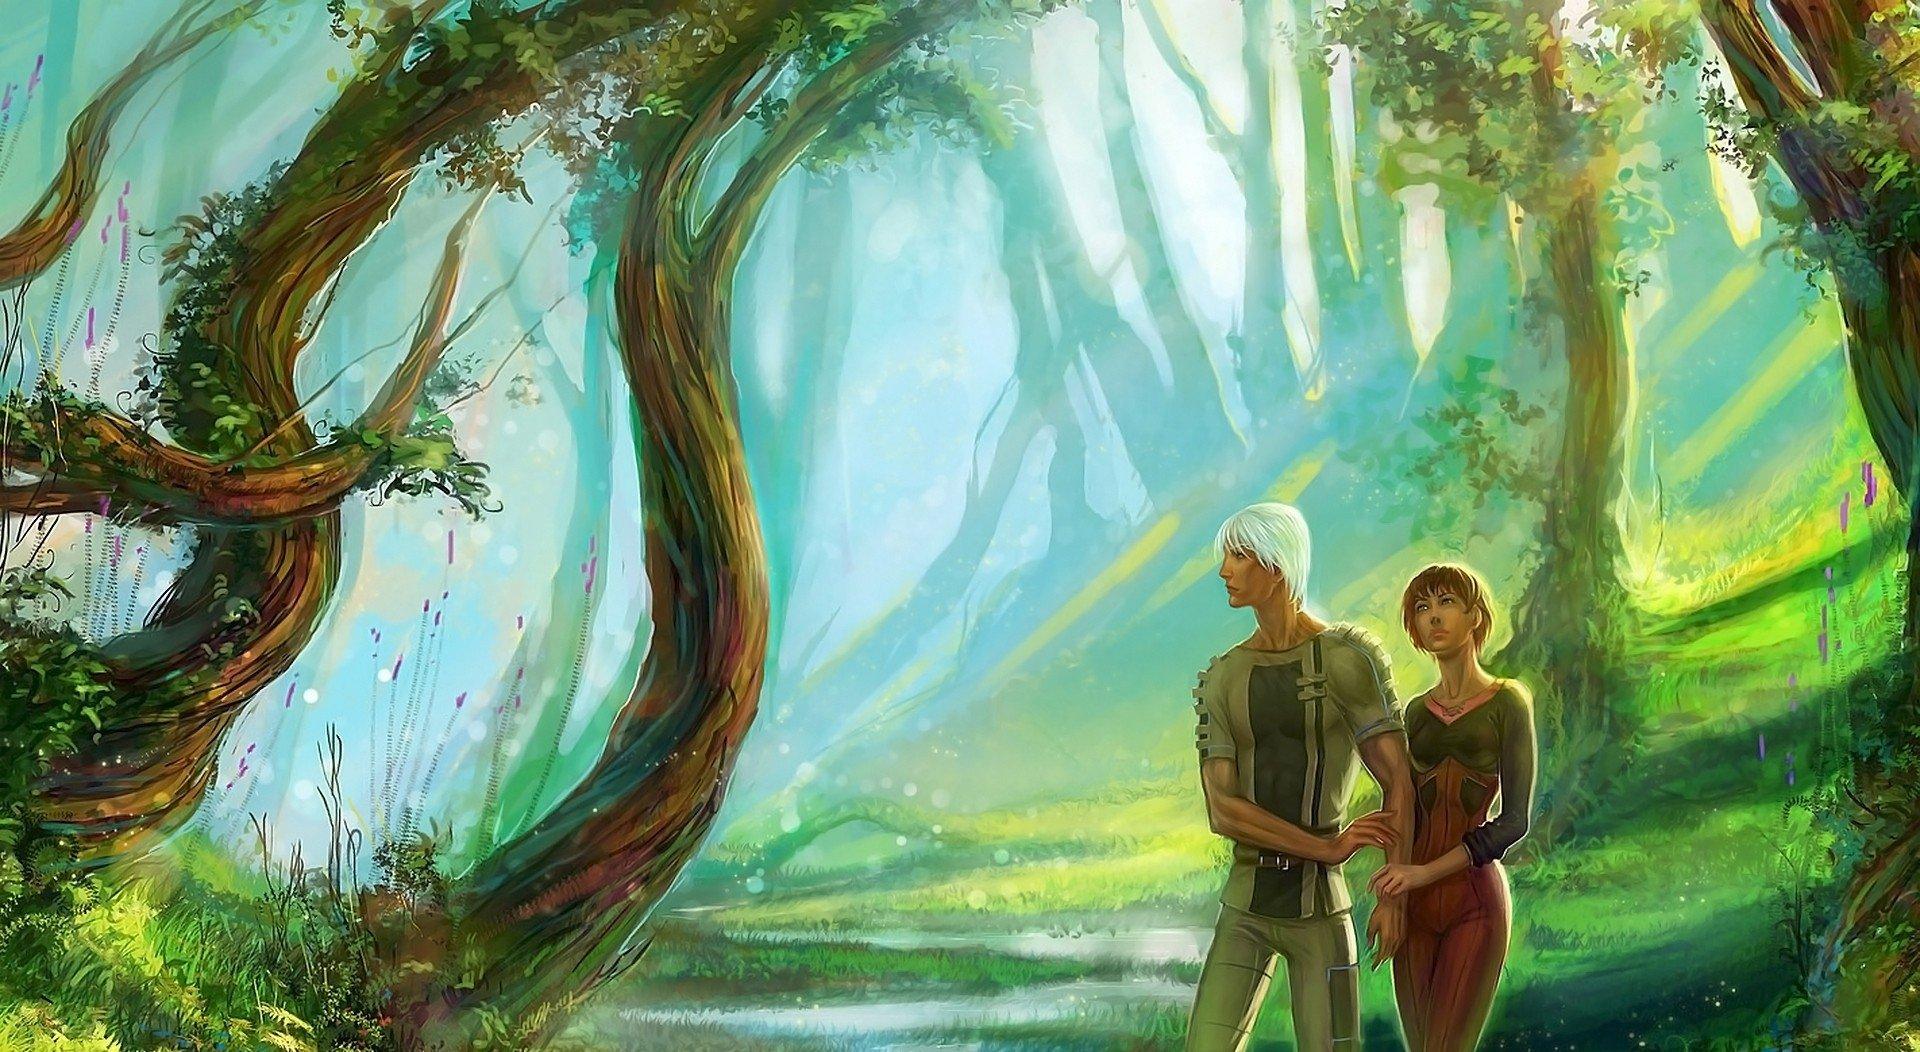 Fantasy - Love  Wallpaper